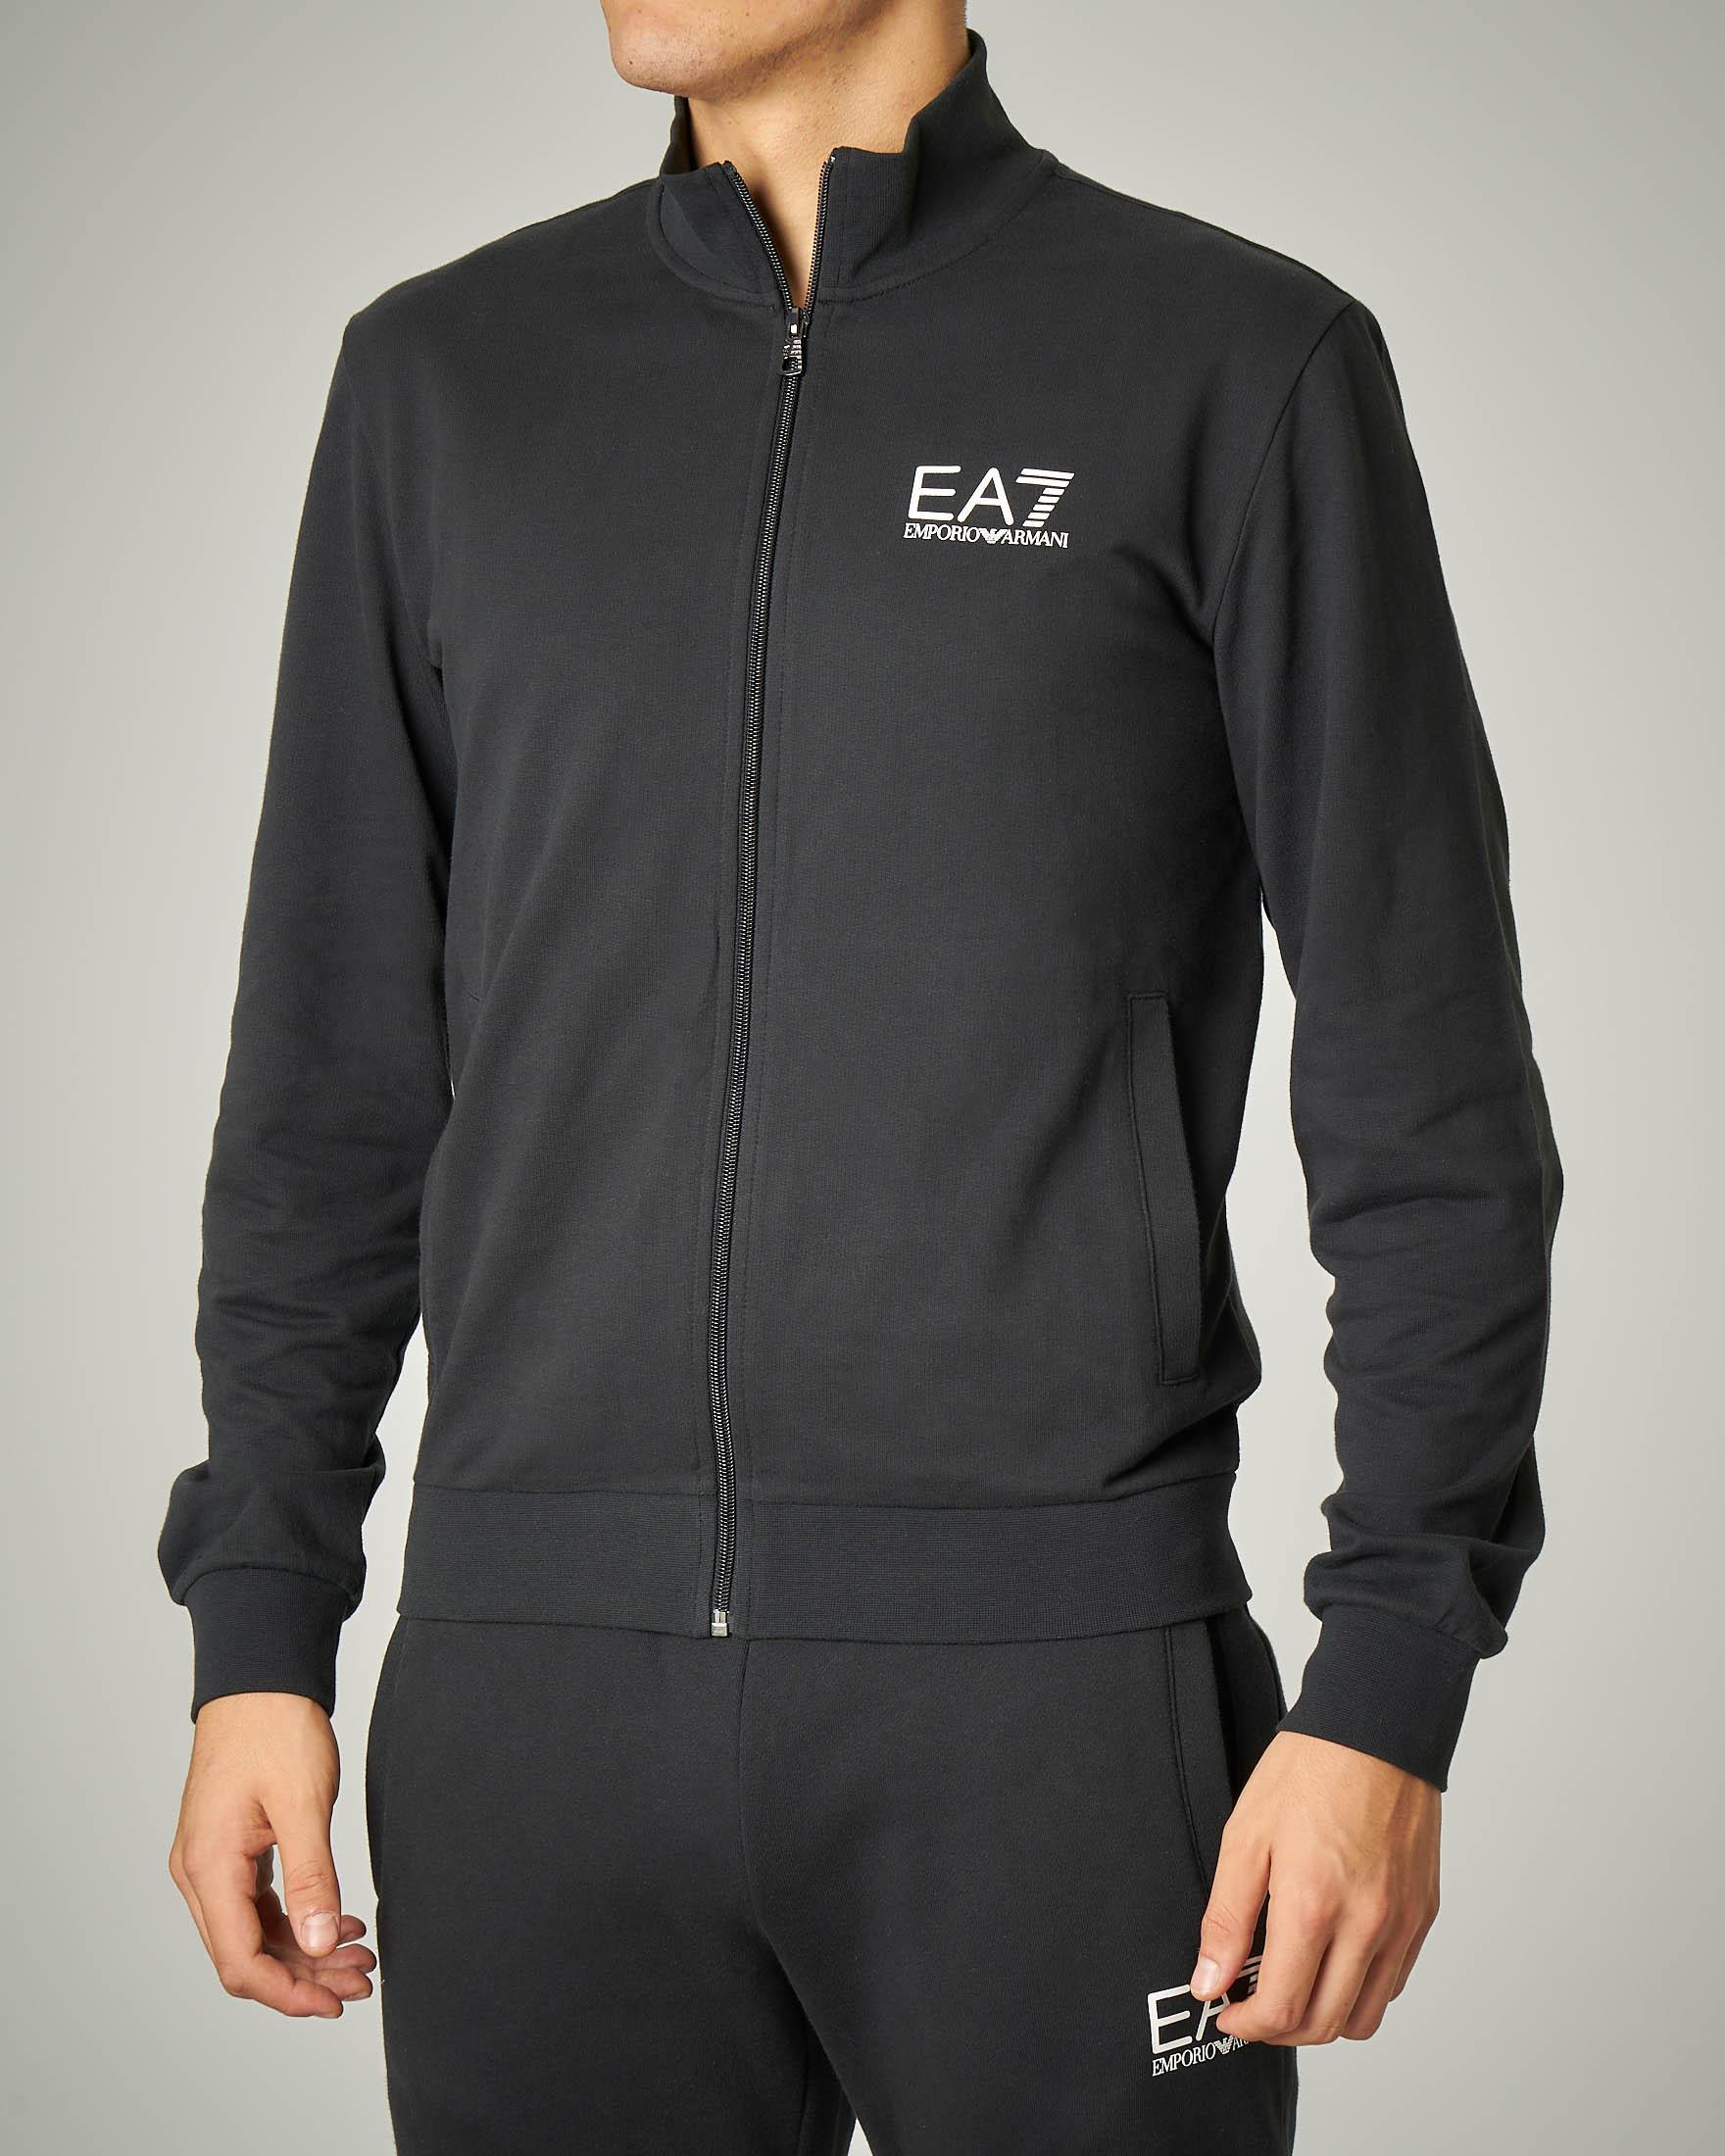 Felpa nera leggera con zip e logo